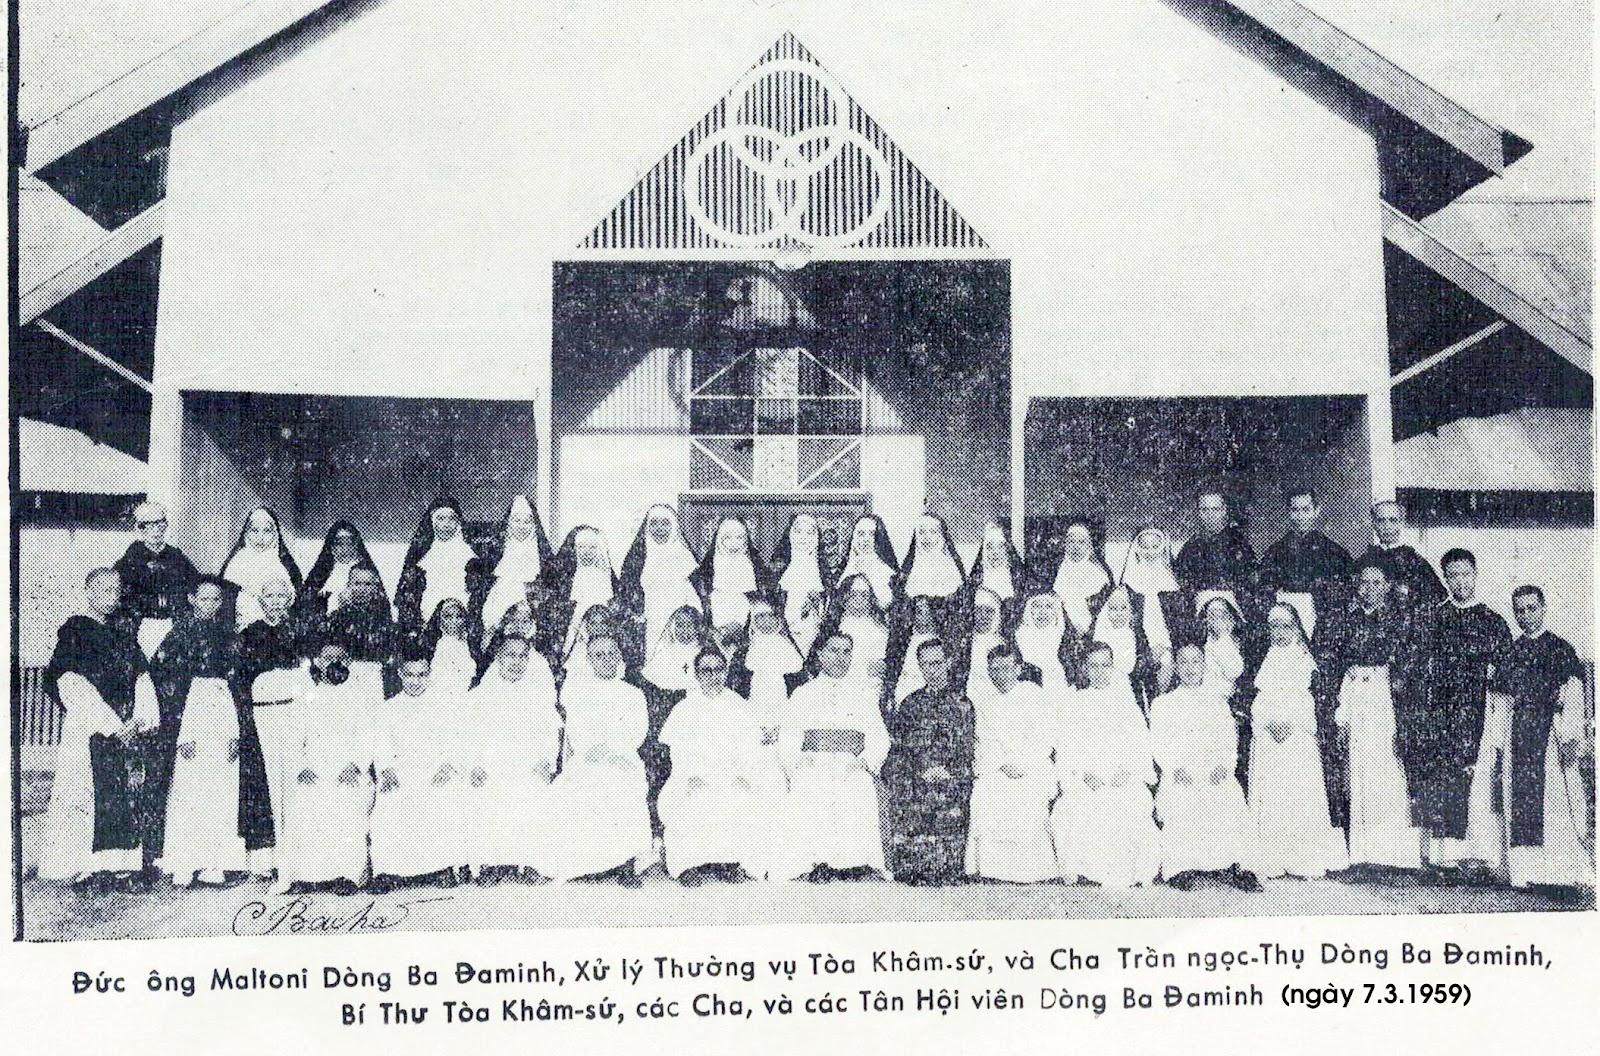 dongba_1959.jpg